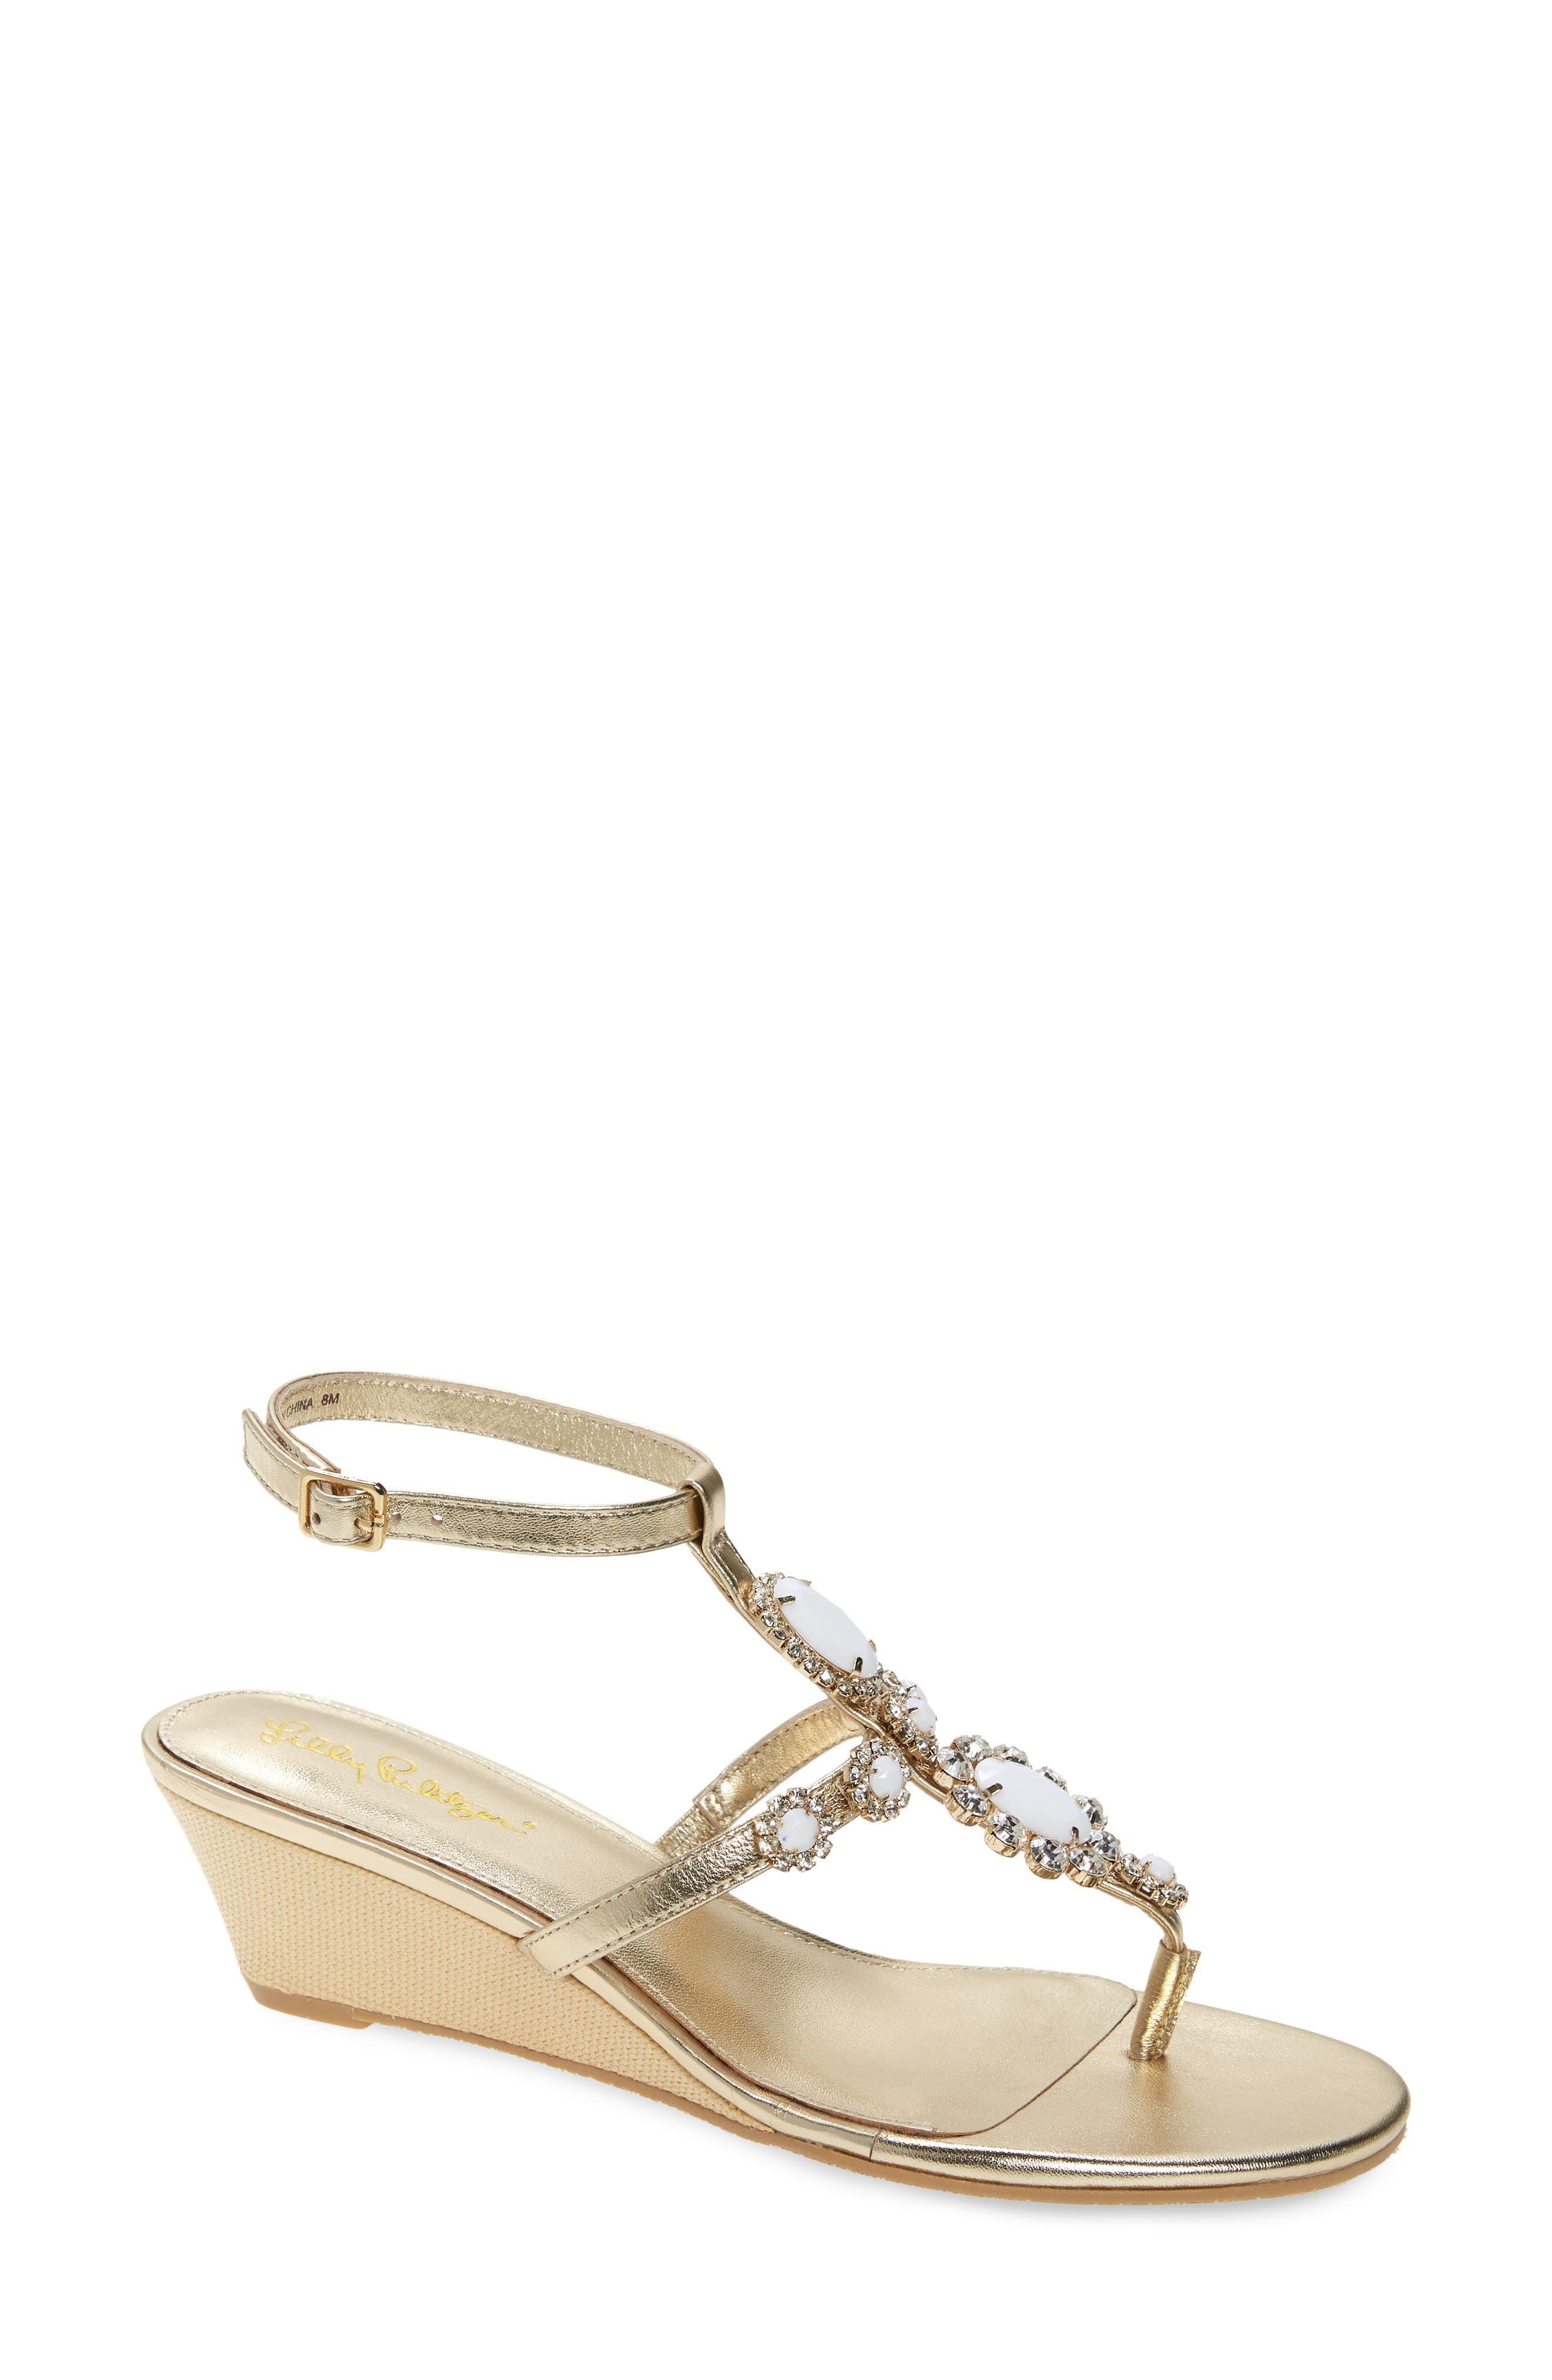 Women's Lilly Pulitzer Kately Embellished Wedge Sandal